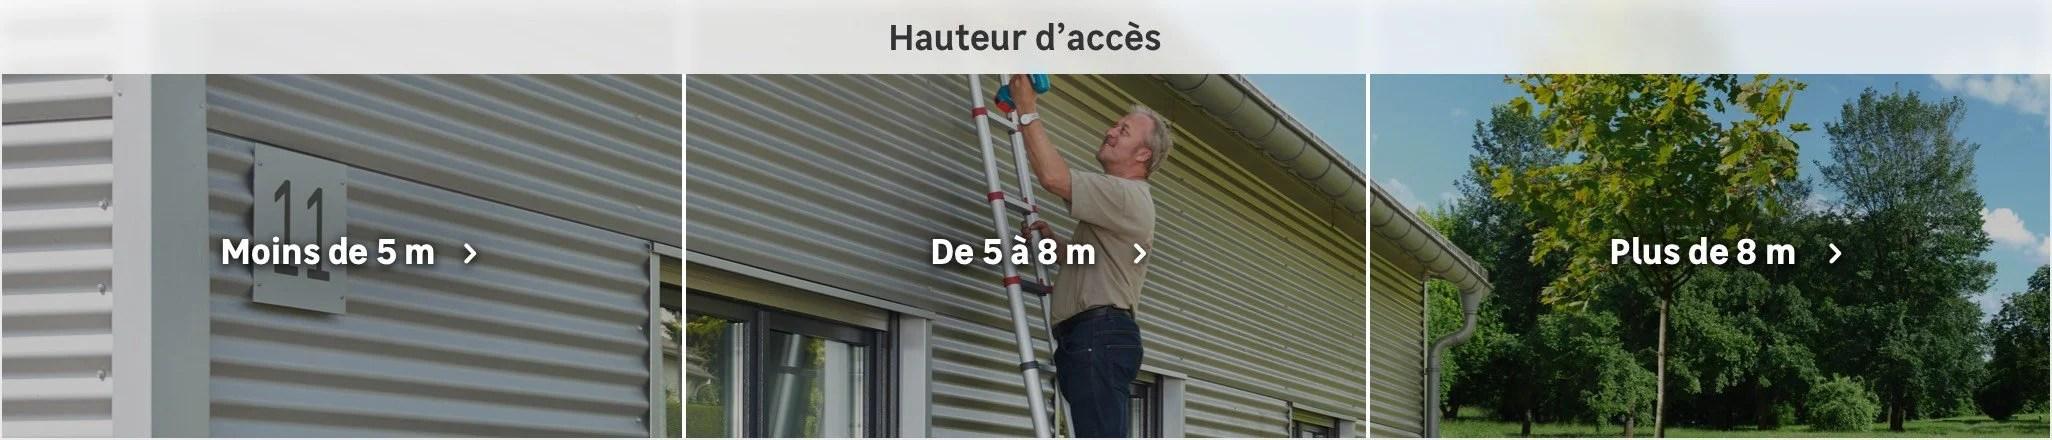 Echelle Telescopique Echelle De Toit Escamotable Au Meilleur Prix Leroy Merlin